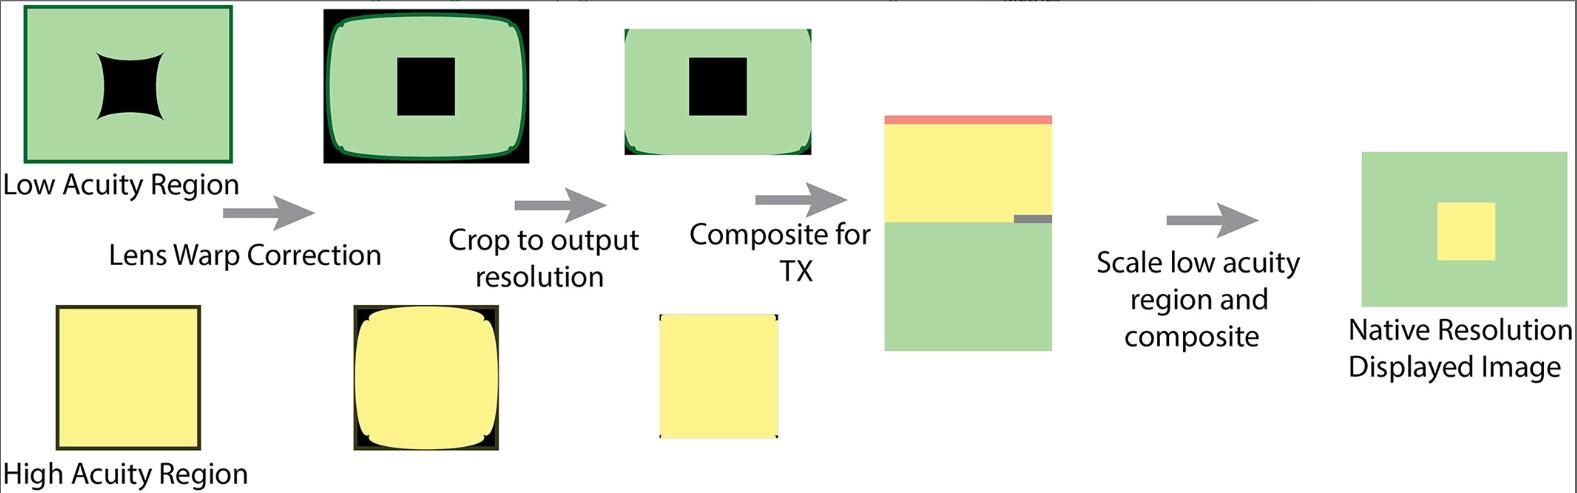 Das Schaubild zeigt, wie der niedrig und der hoch aufgelöste Bereich zu einem Gesamtbild zusammengeführt werden. Grafik: Google